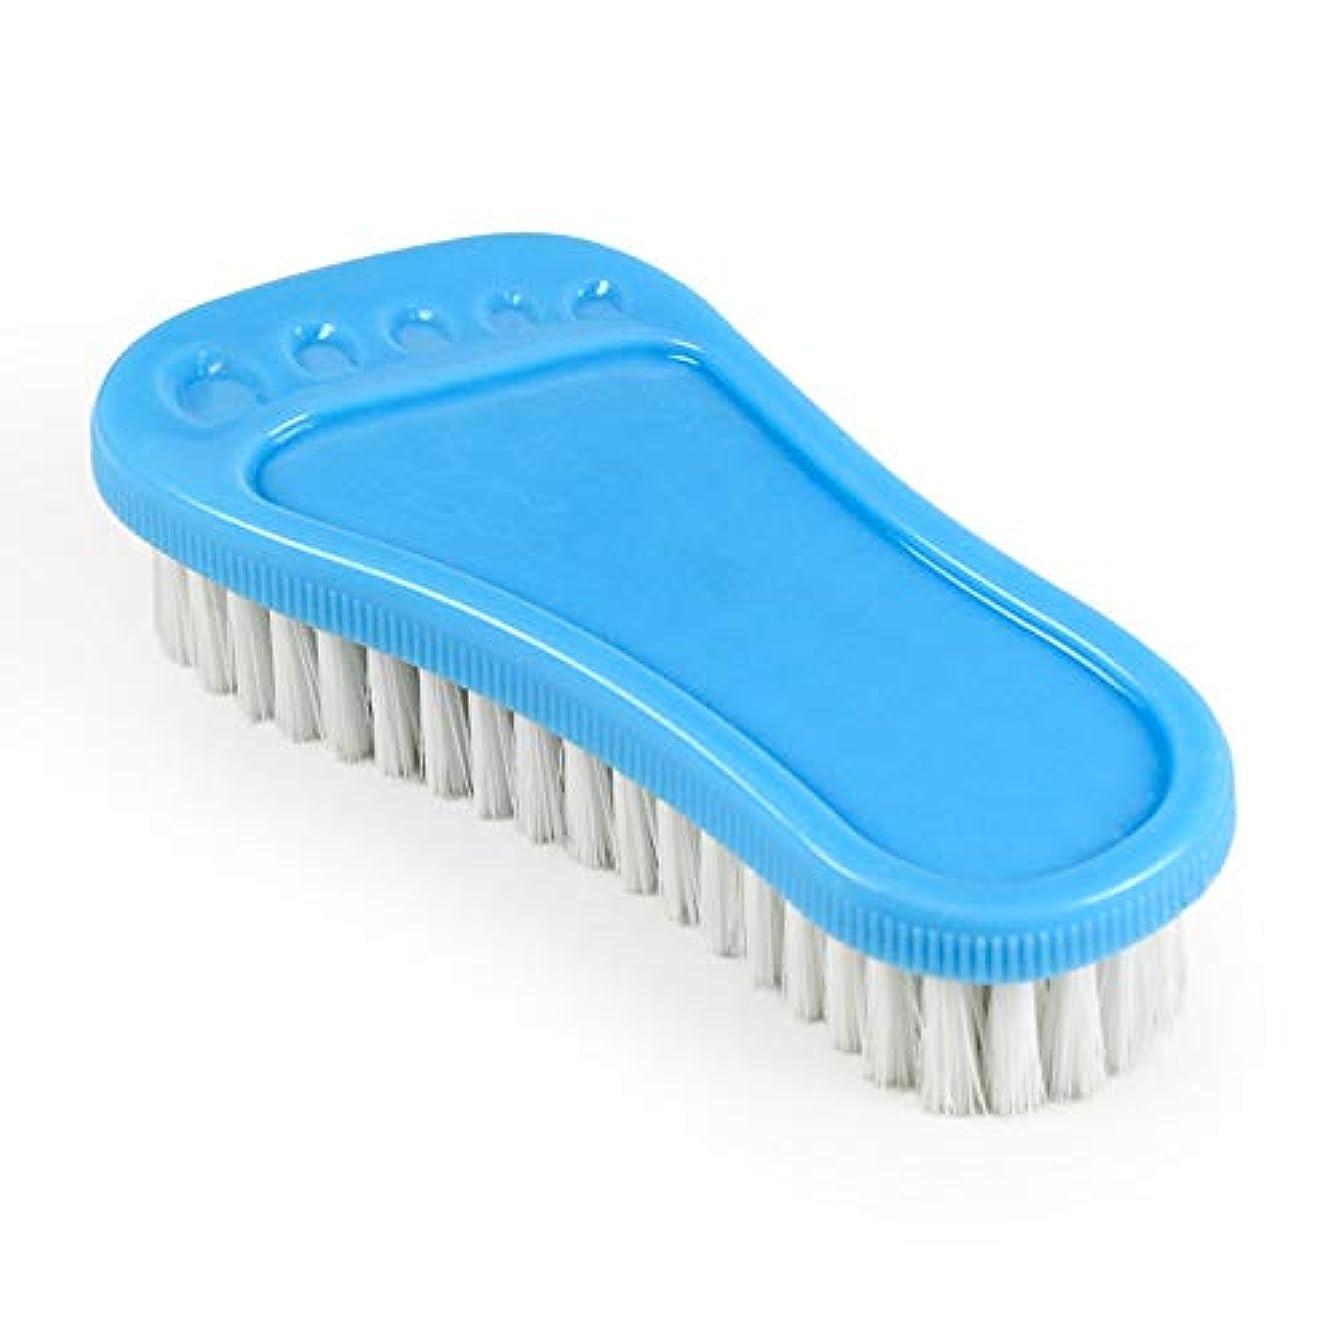 エキサイティングポーチ反映するポアクリーニング 小さな足首プラスチックの柔らかい髪多目的靴のブラシ洗面器のブラシのクリーニングブラシバスのブラシ2 PCS マッサージブラシ